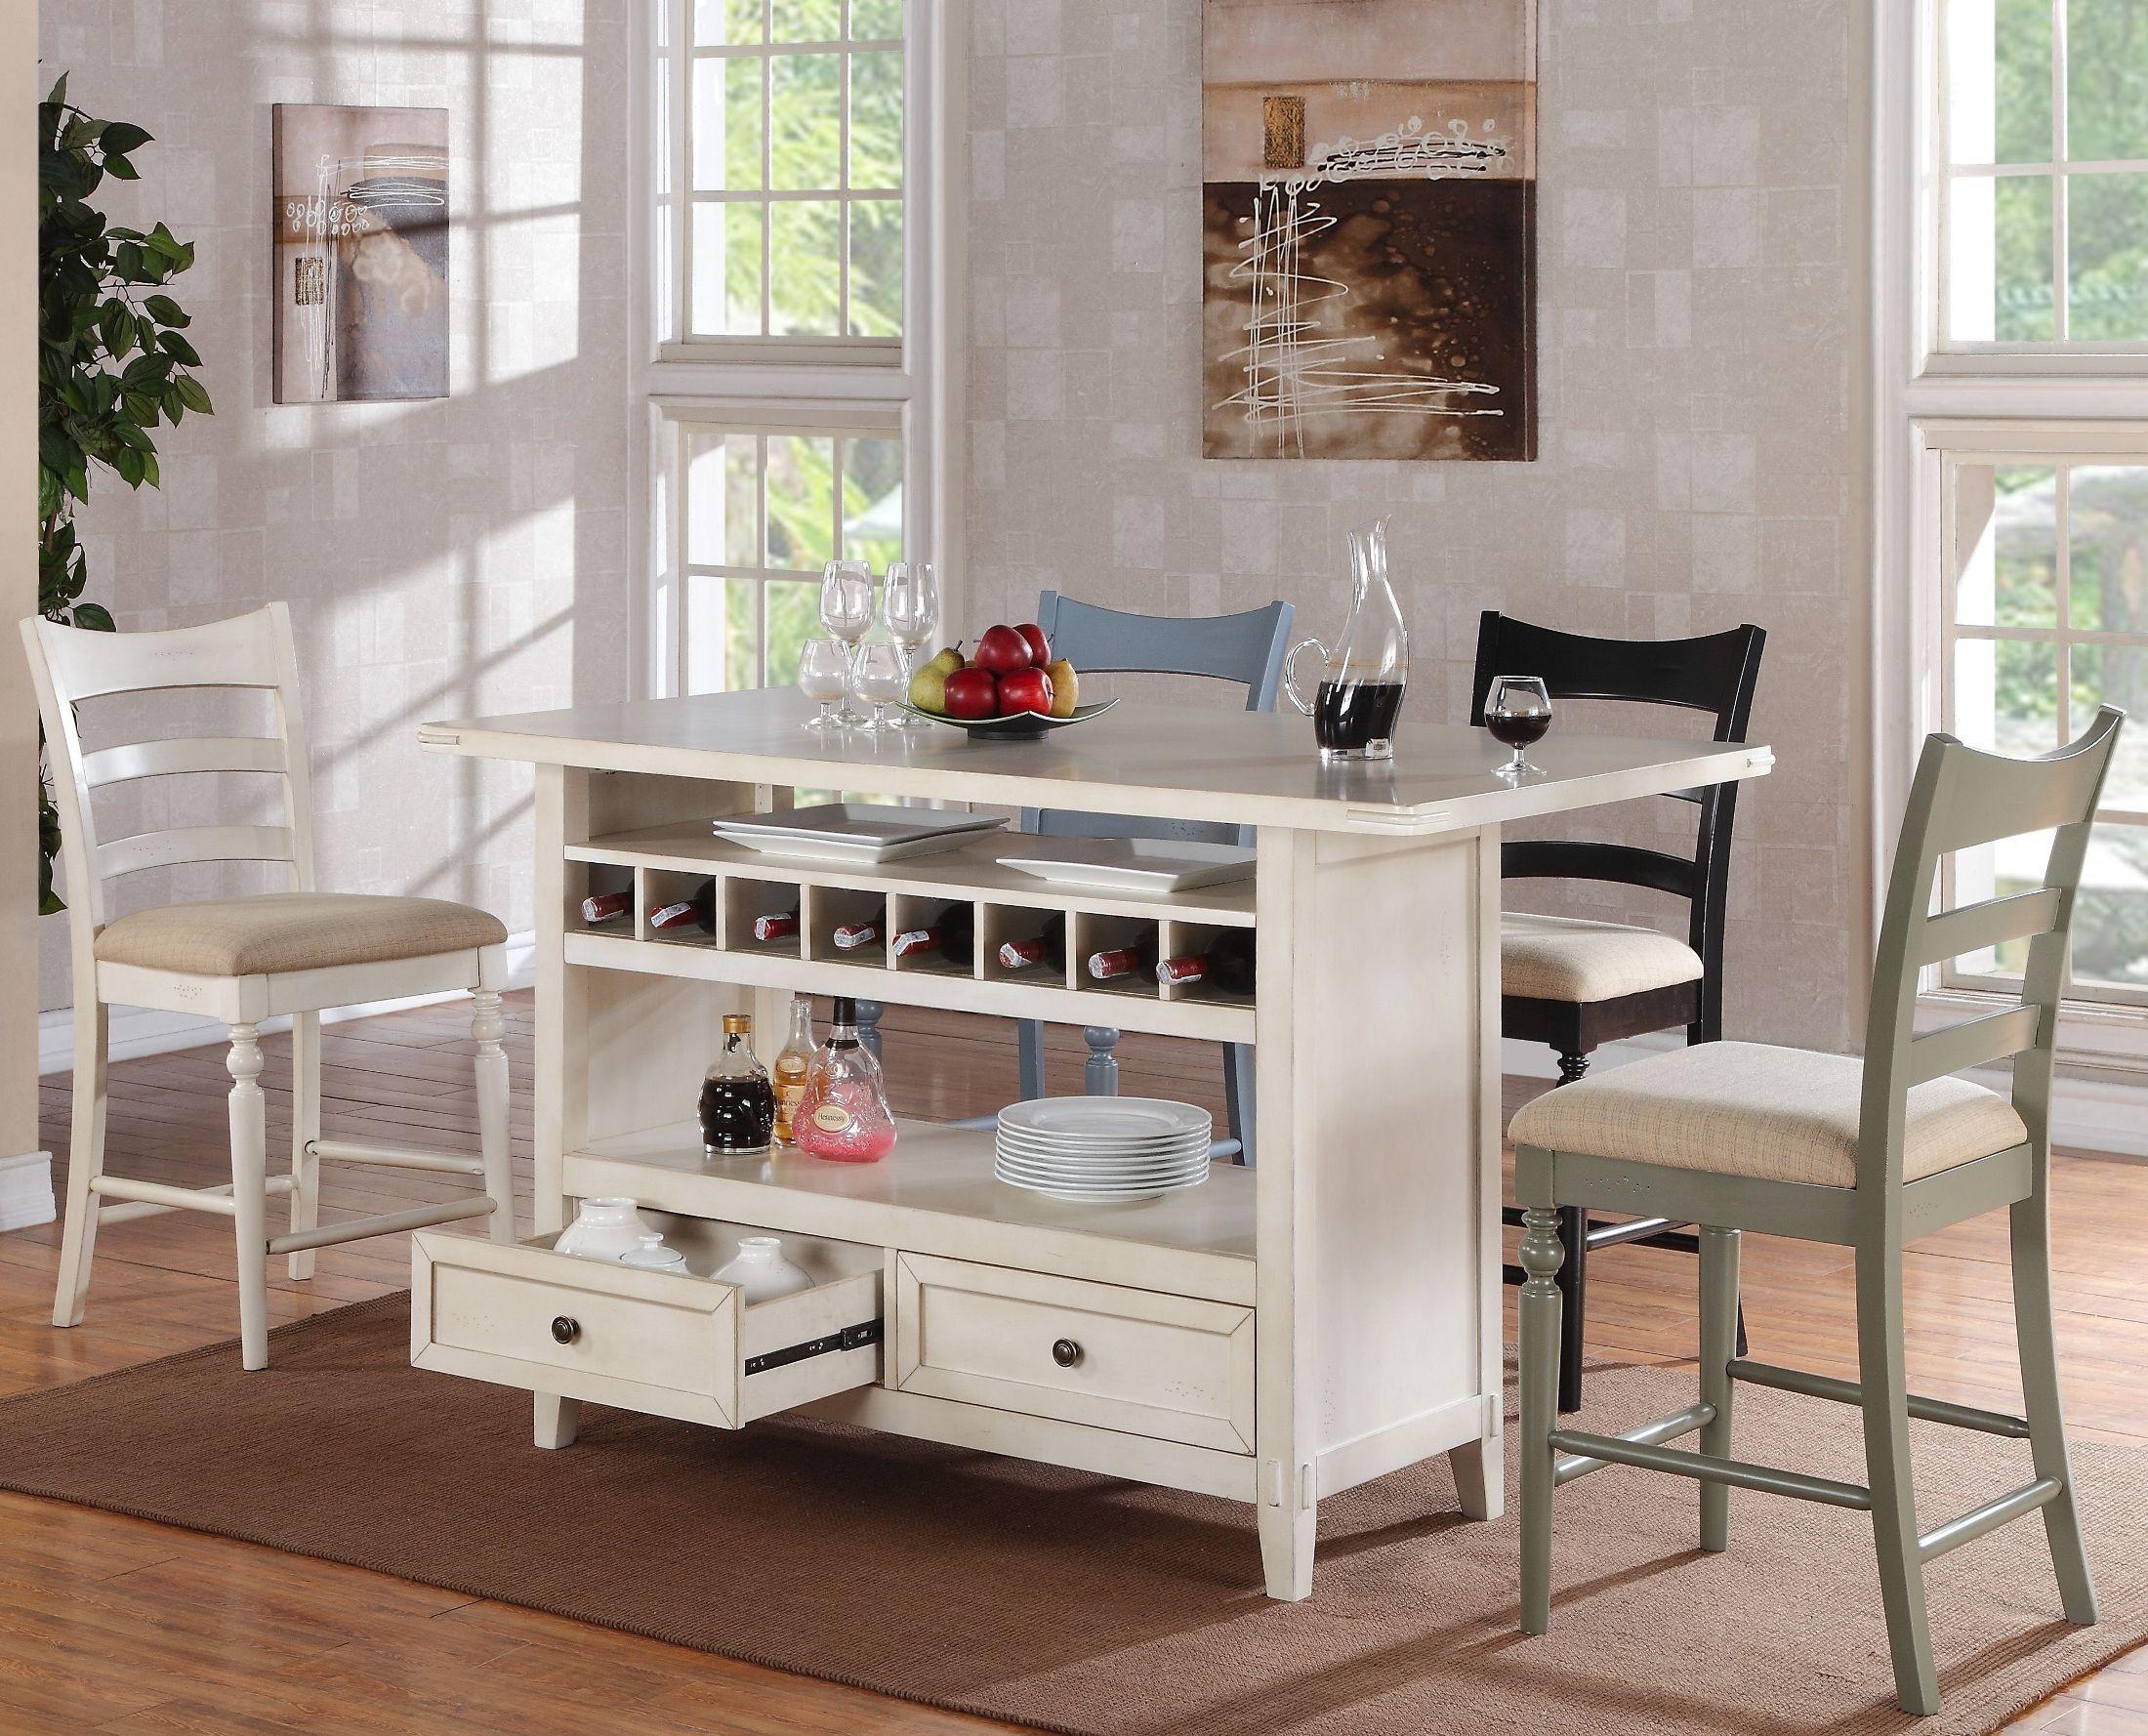 terrific antique white kitchen island   Four Seasons Antique White Kitchen Island from ECI ...